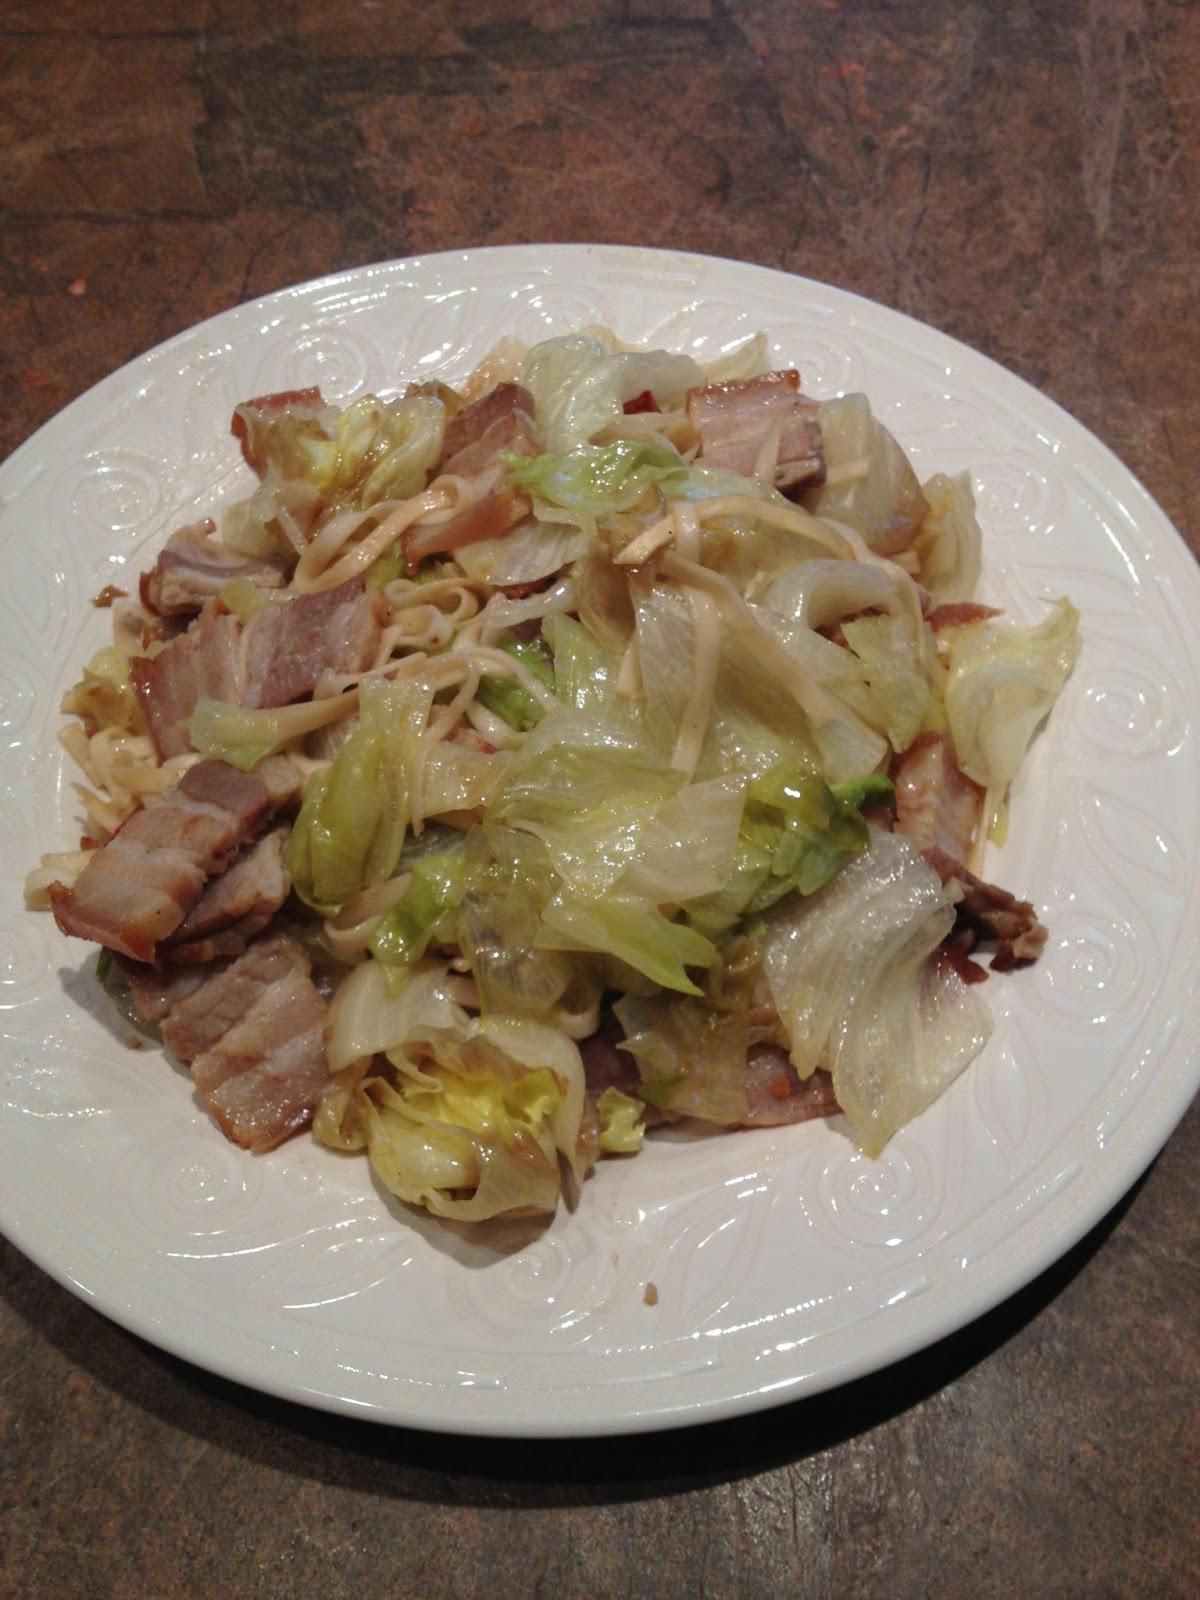 【靜姐上菜】Jean的廚房飲食歡樂記: 客家鹹豬肉